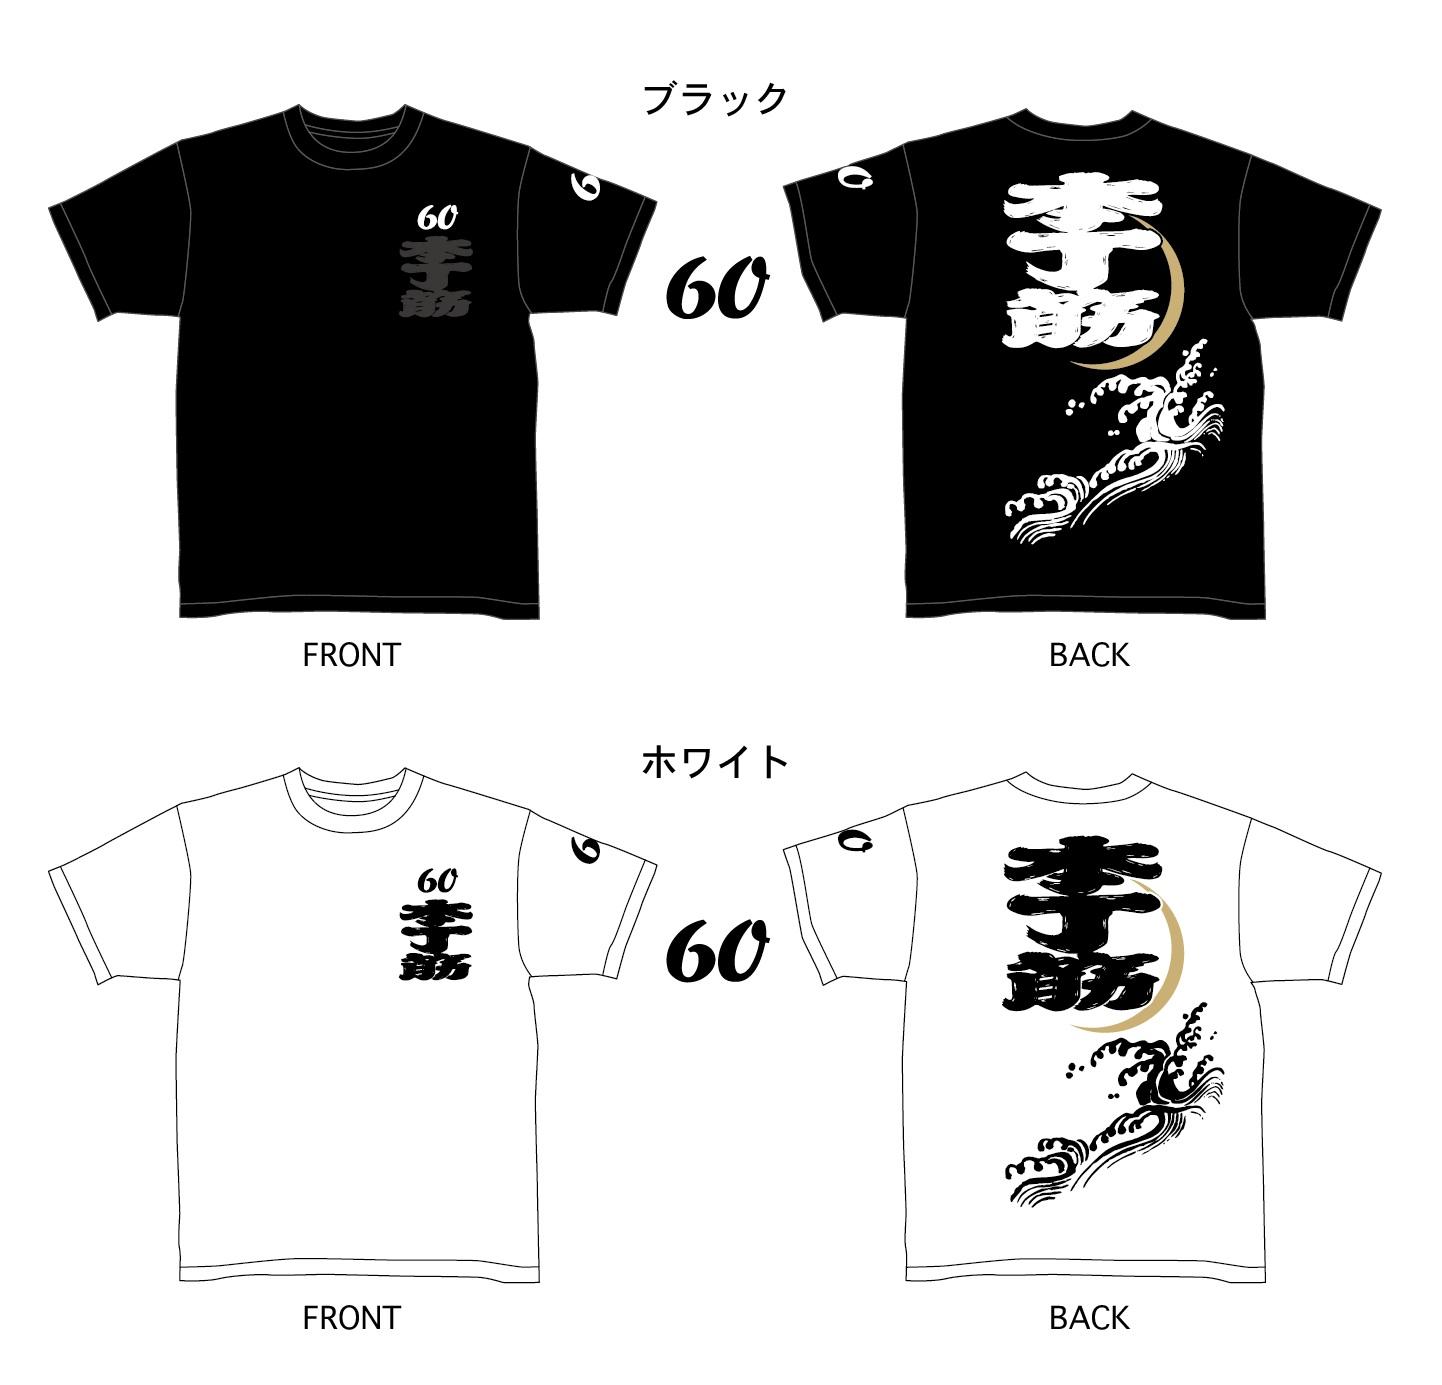 2013本丁筋Tシャツよさこい祭り60回記念